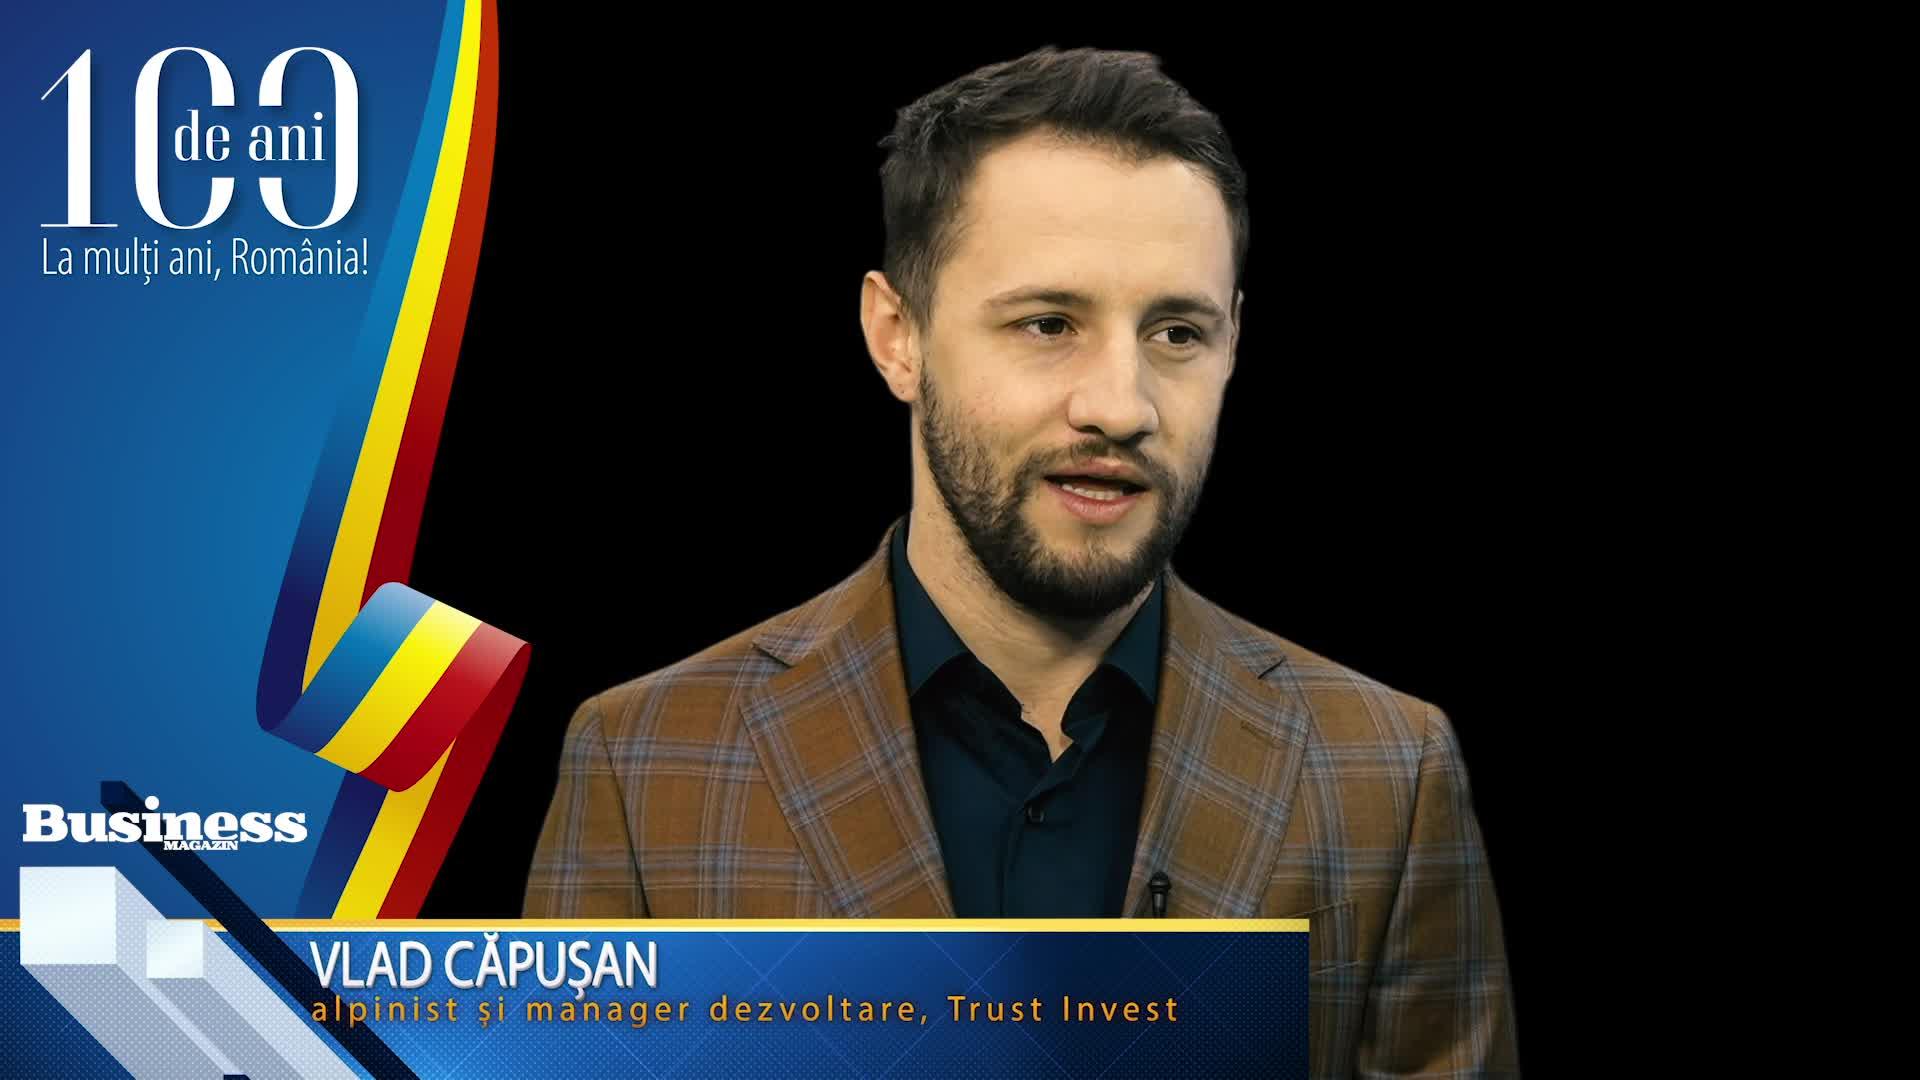 """Vlad Căpuşan, alpinist şi manager dezvoltare, Trust Invest: """"M-am întors pentru potenţialul enorm pe care l-am văzut în ţara noastră!"""" - VIDEO"""